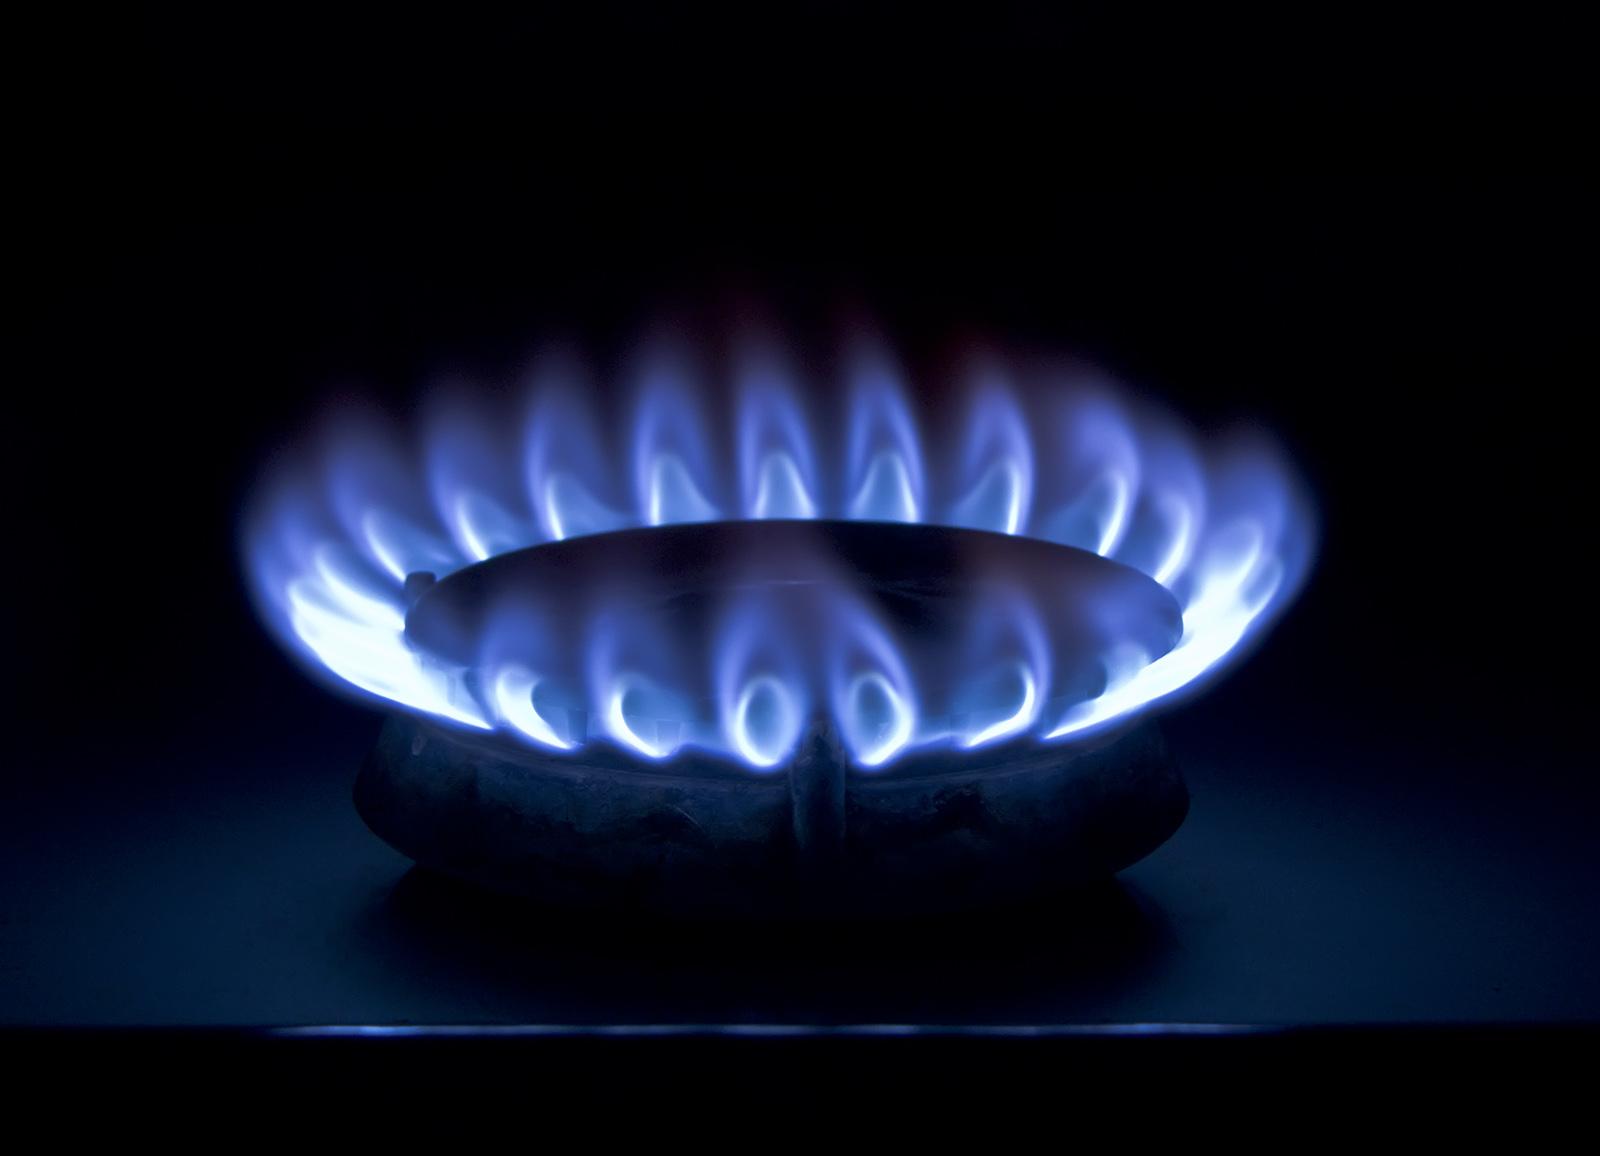 Після вихідних мешканці села Липча, що на Хустщині, три дні залишаться без газу